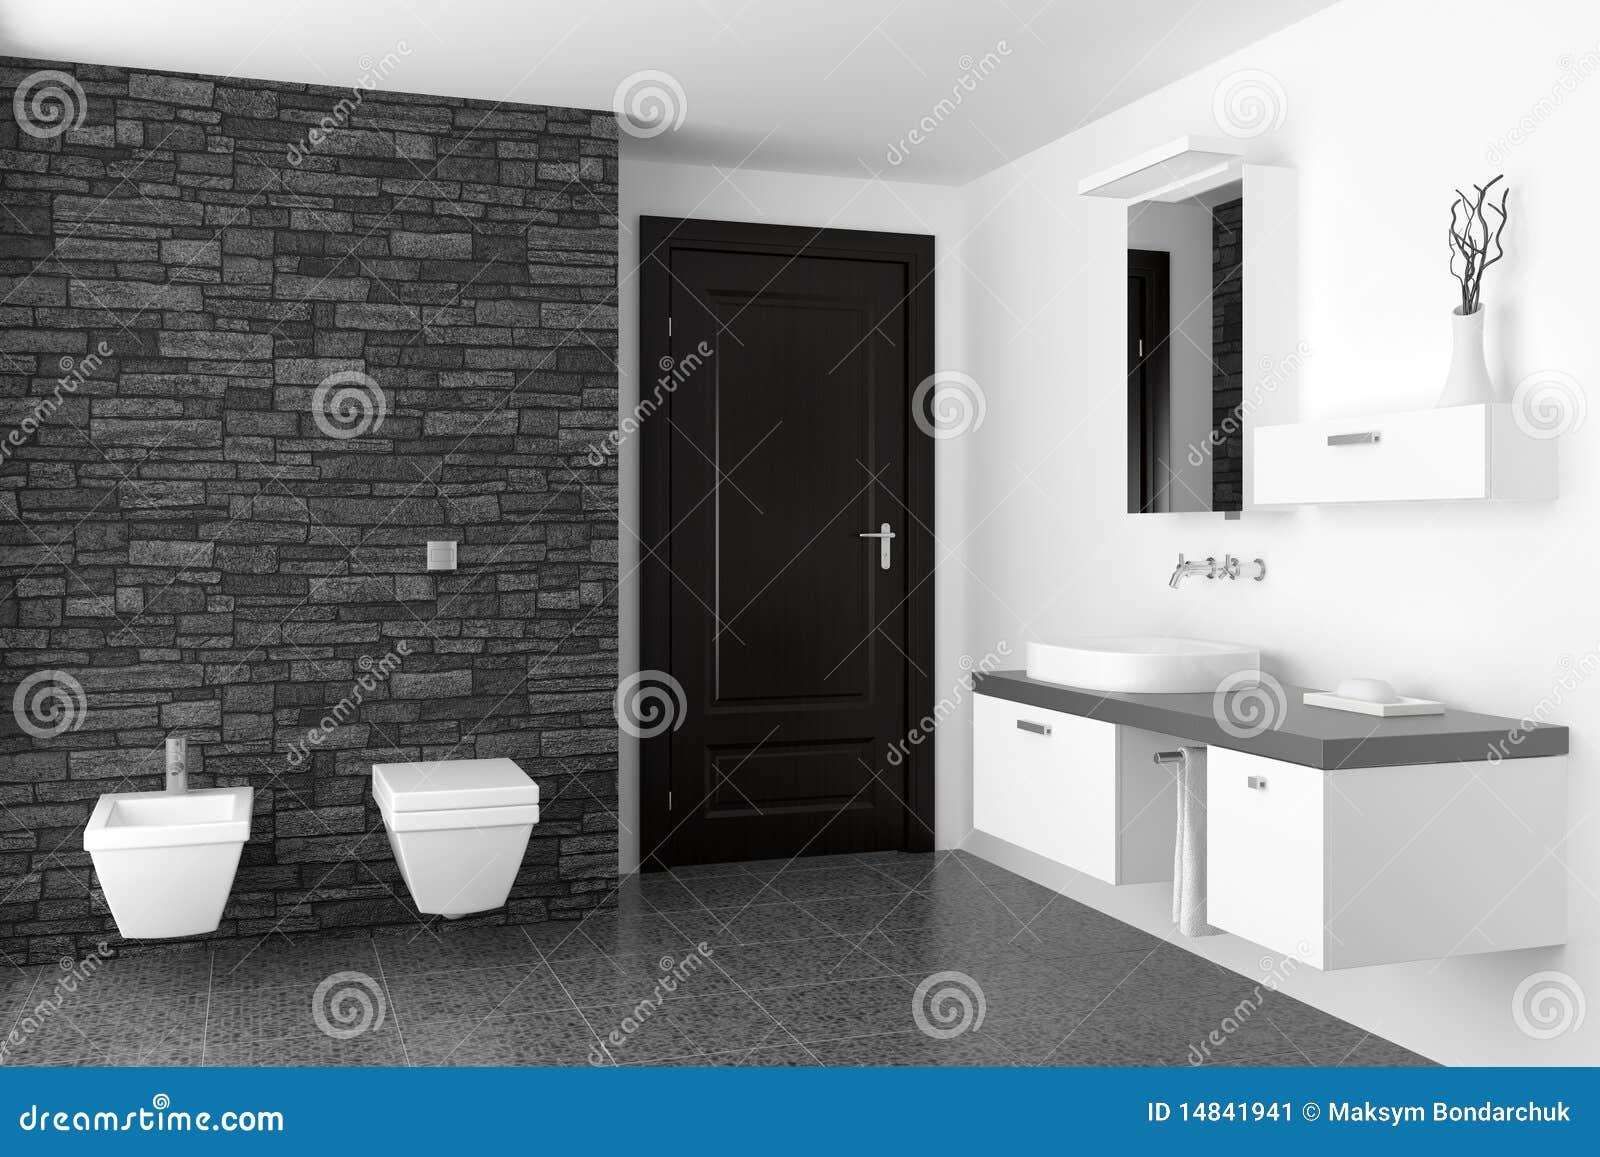 Salle De Bain Avec Mur Noir ~ Salle De Bains Moderne Avec Le Mur En Pierre Noir Image Stock